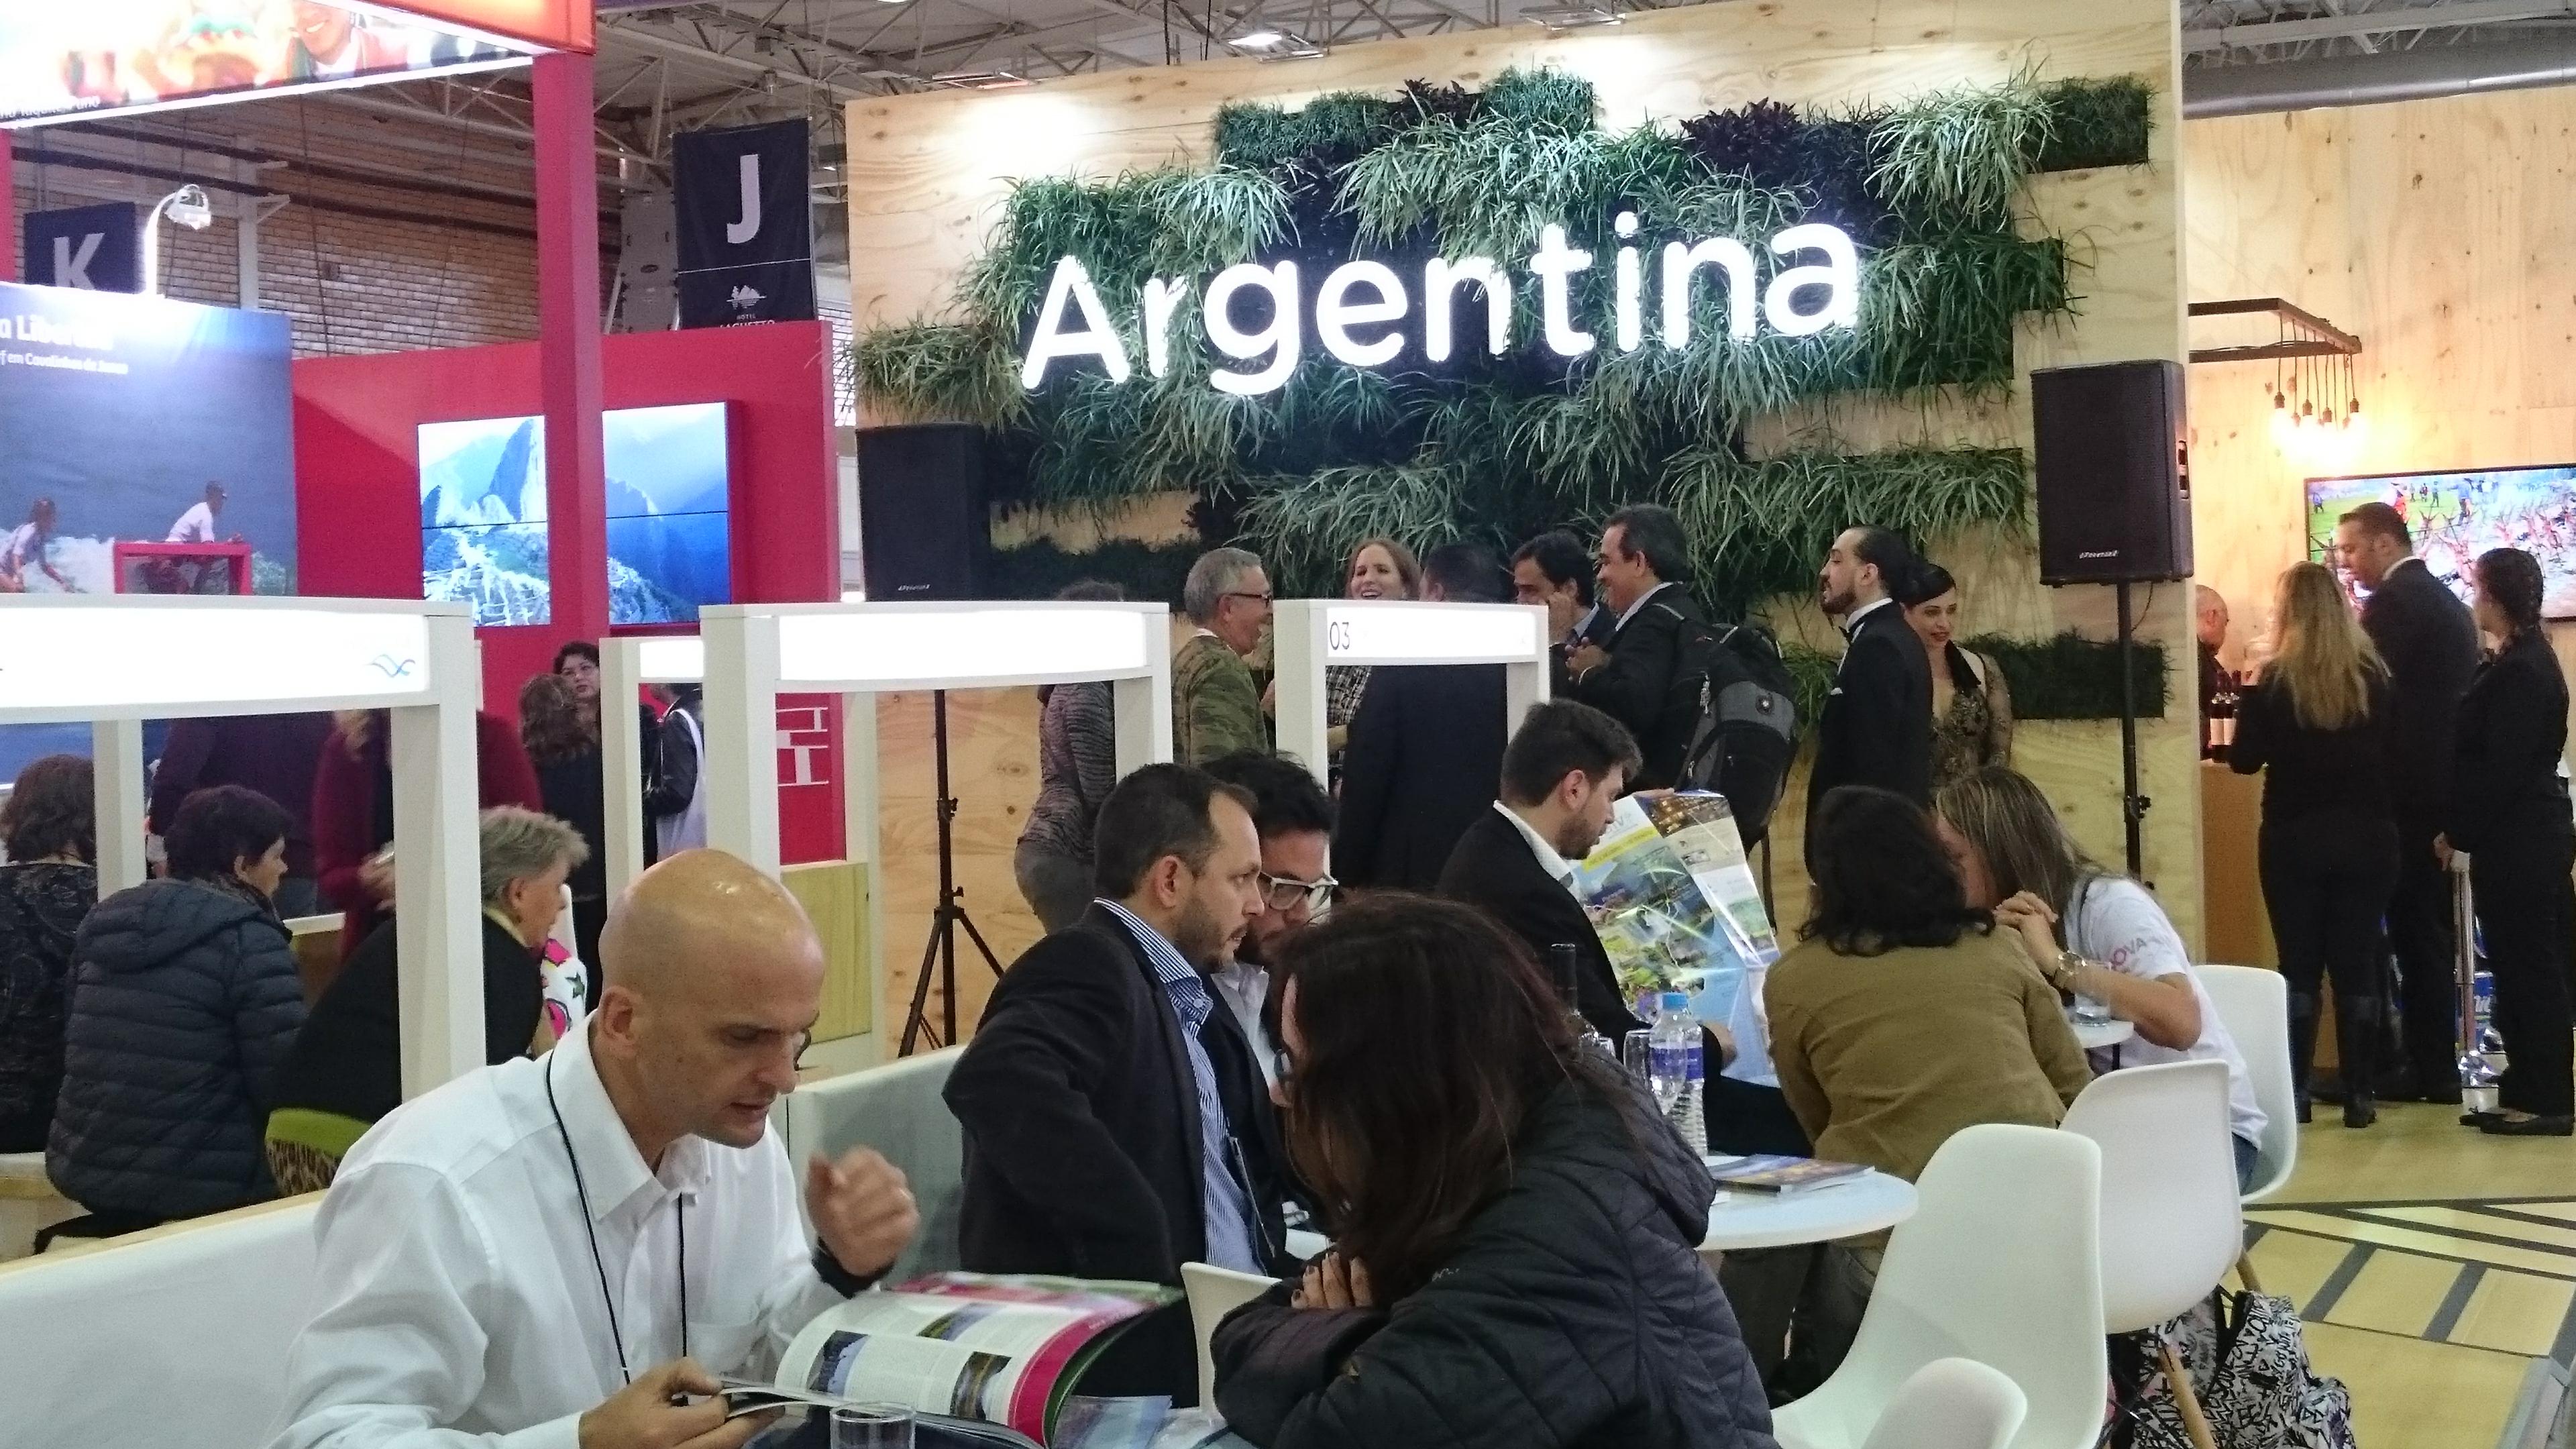 Negócios em andamento no estande da Argentina